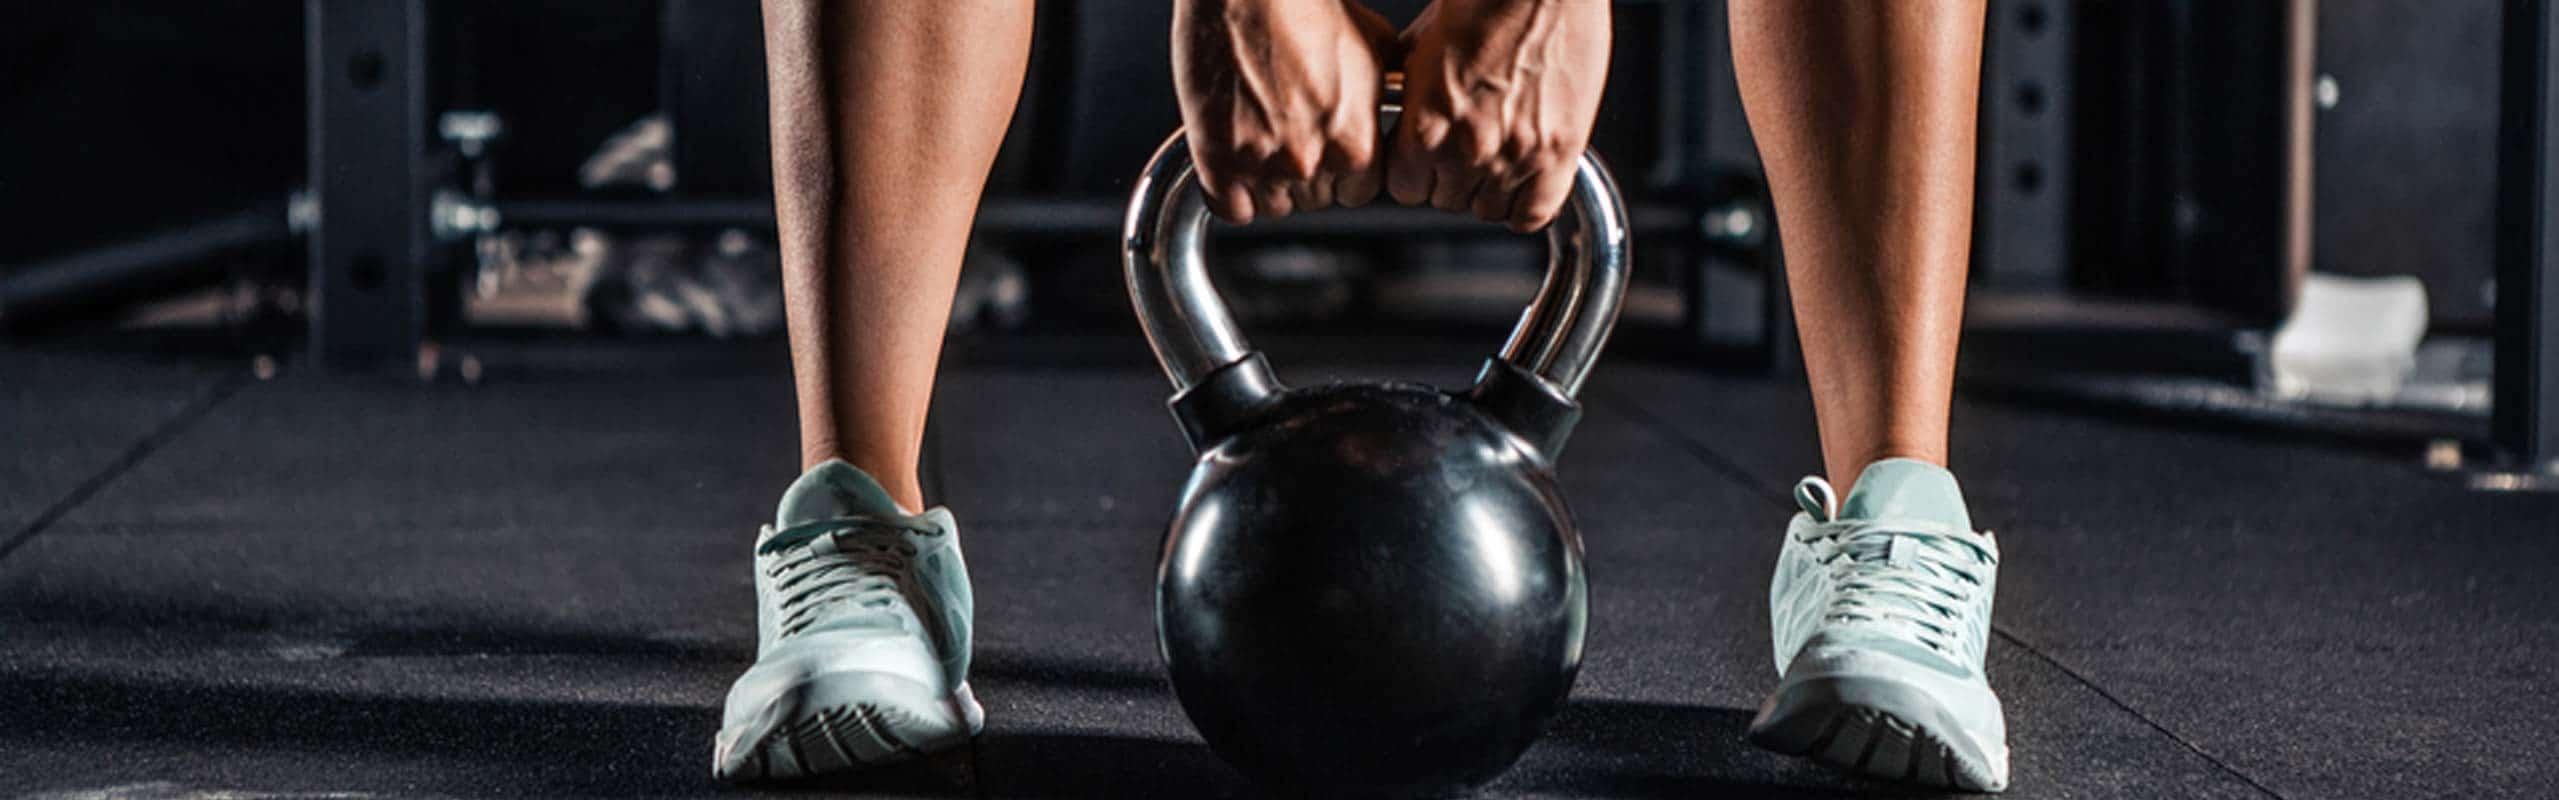 Conoce los ejercicios fitness que puedes hacer para trabajar tu cuerpo